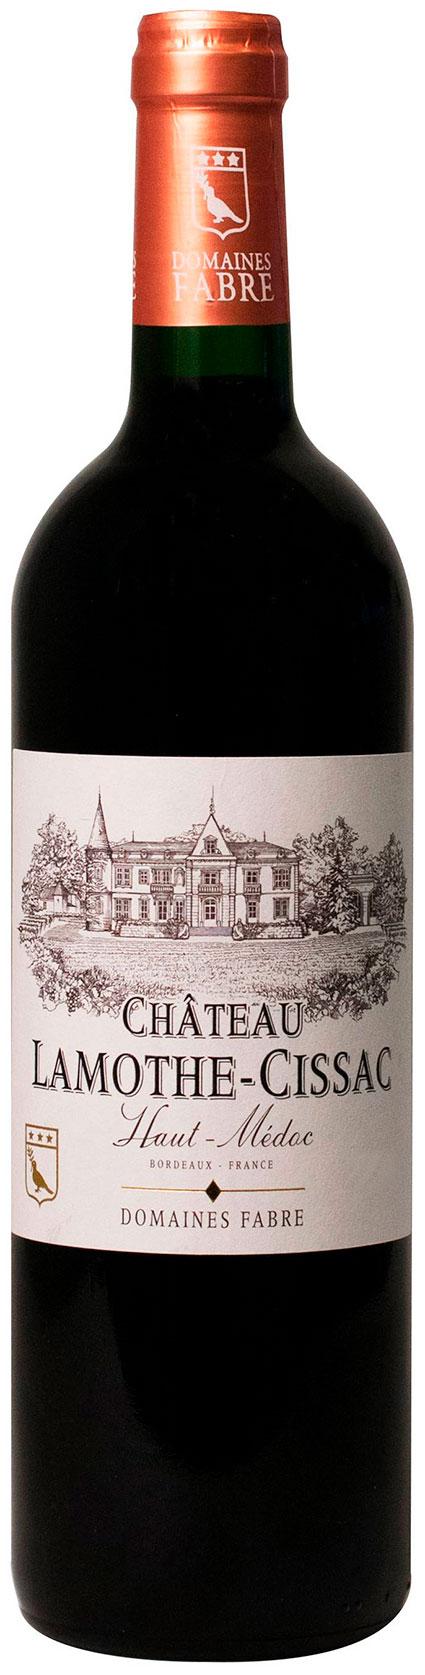 Chateau Lamothe-Cissac ( Domaines Fabre ) 2014